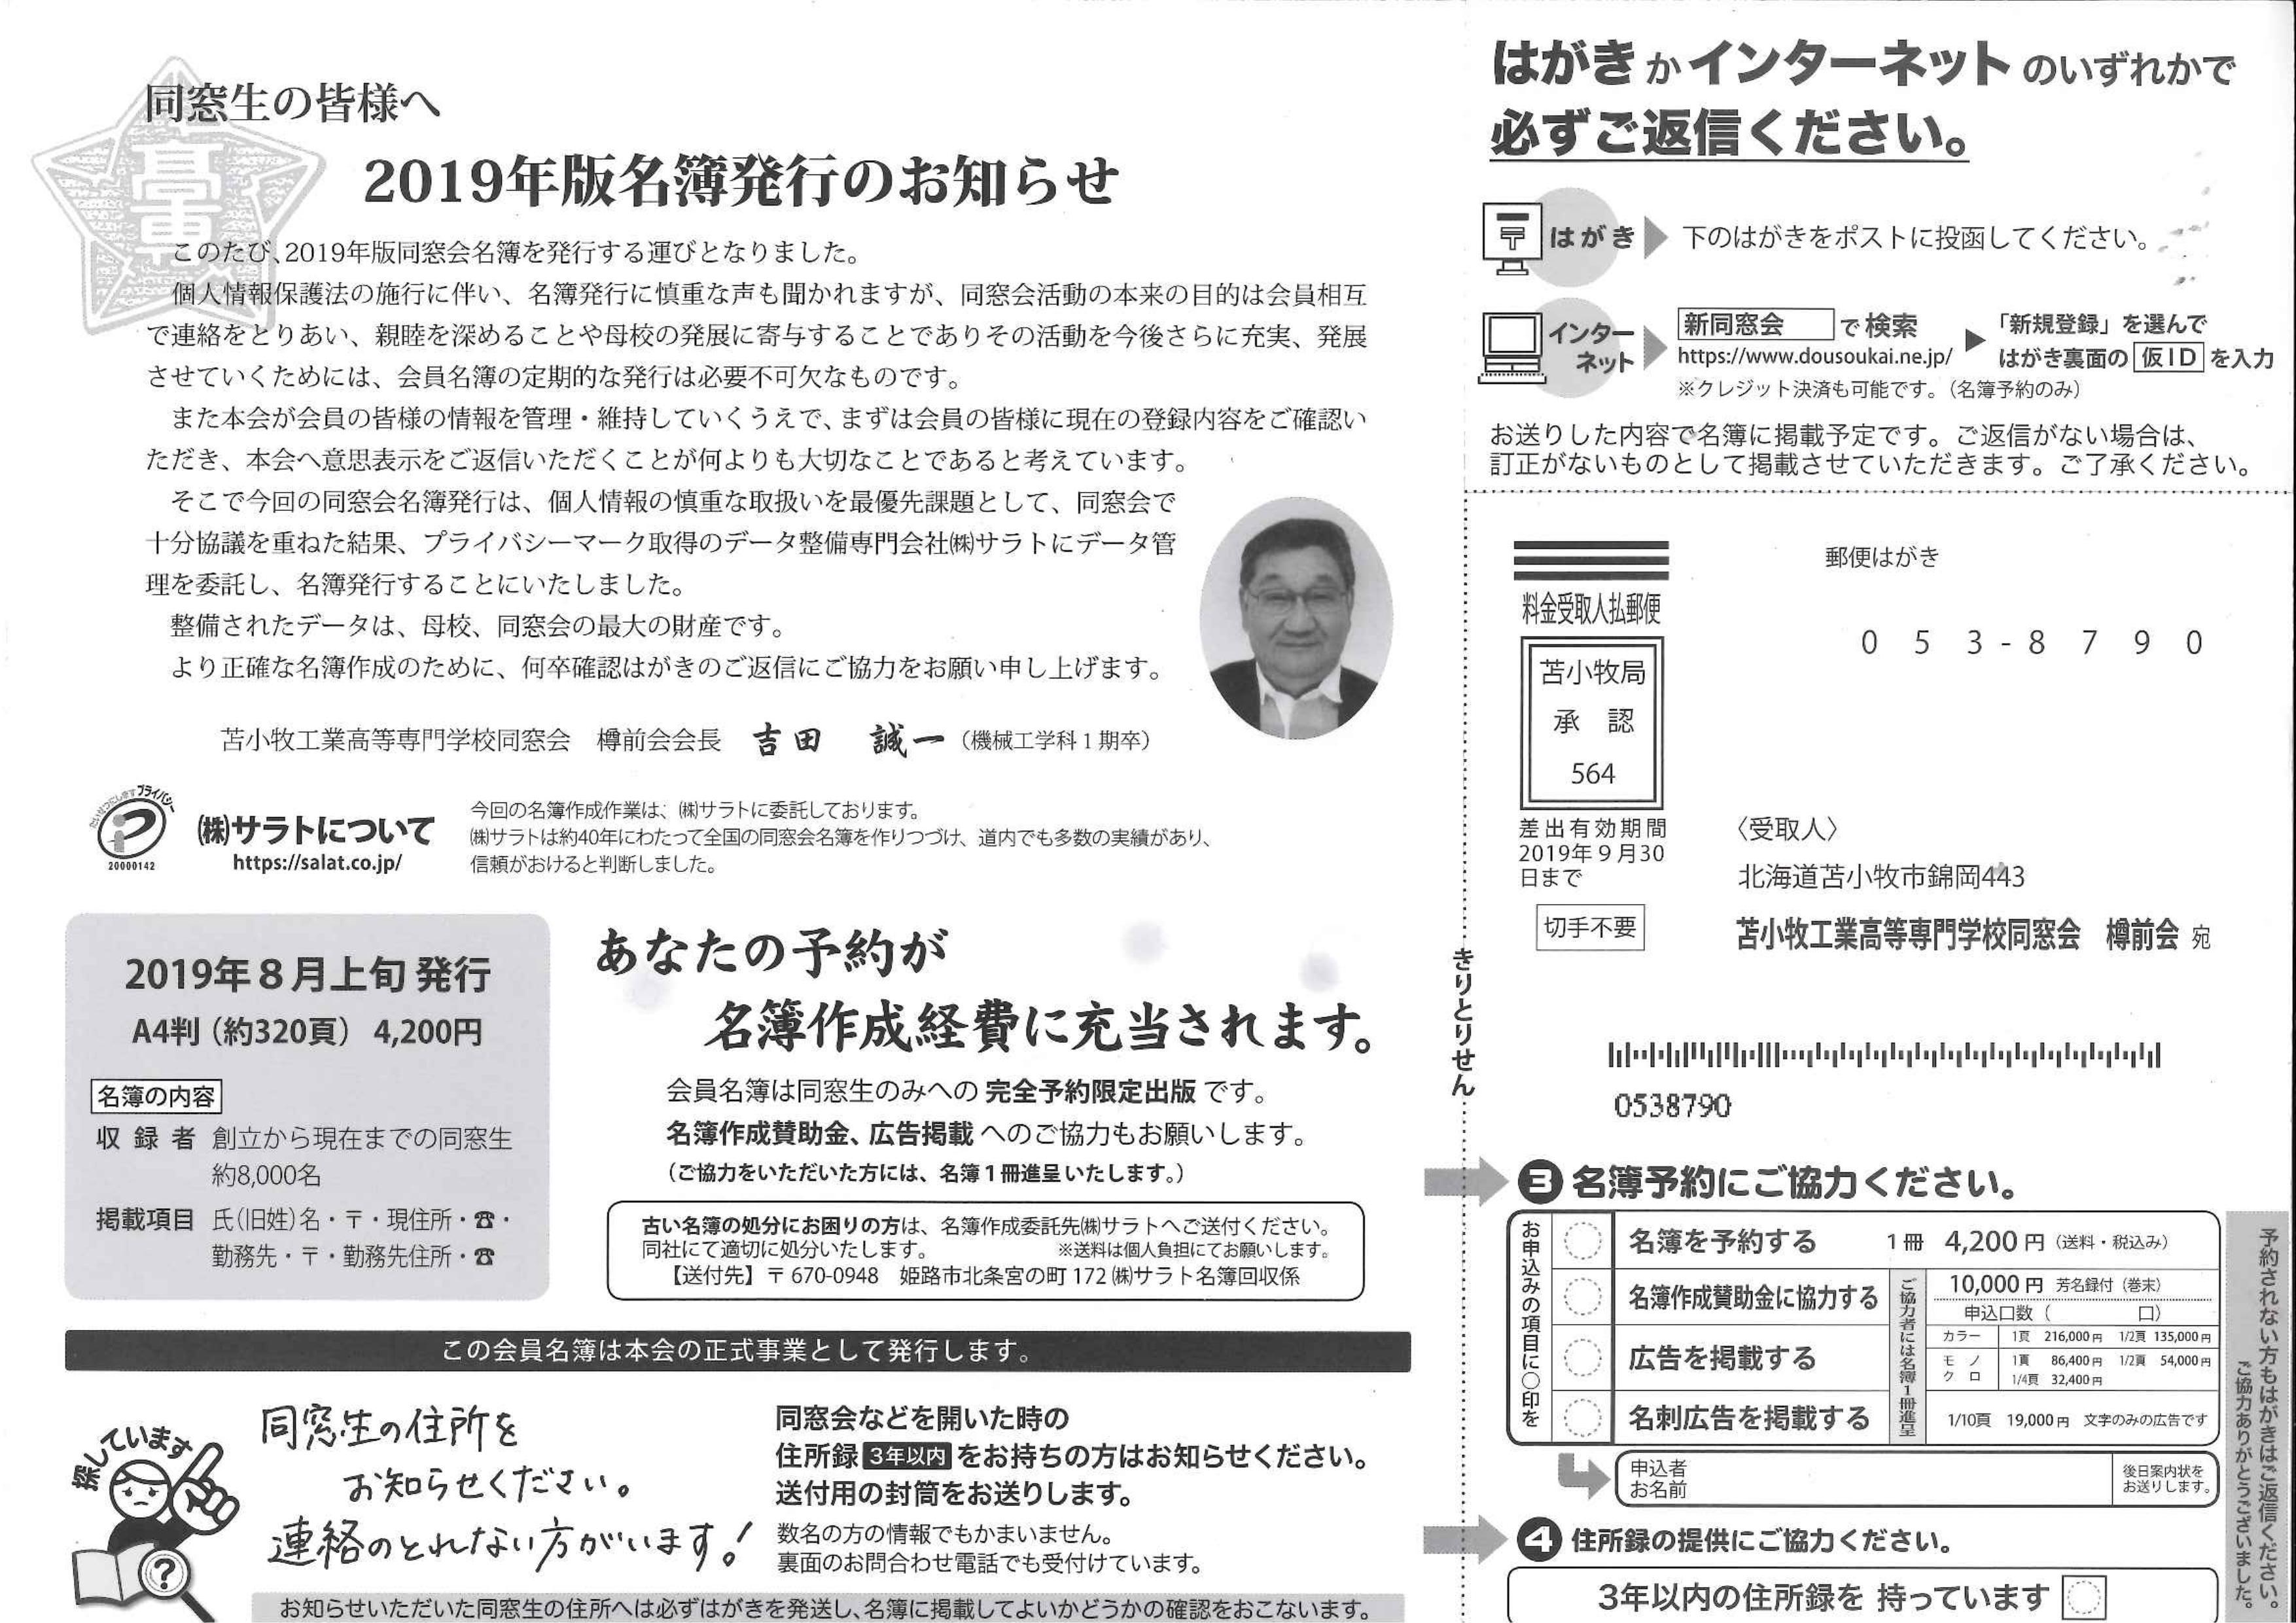 名簿発行のお知らせ